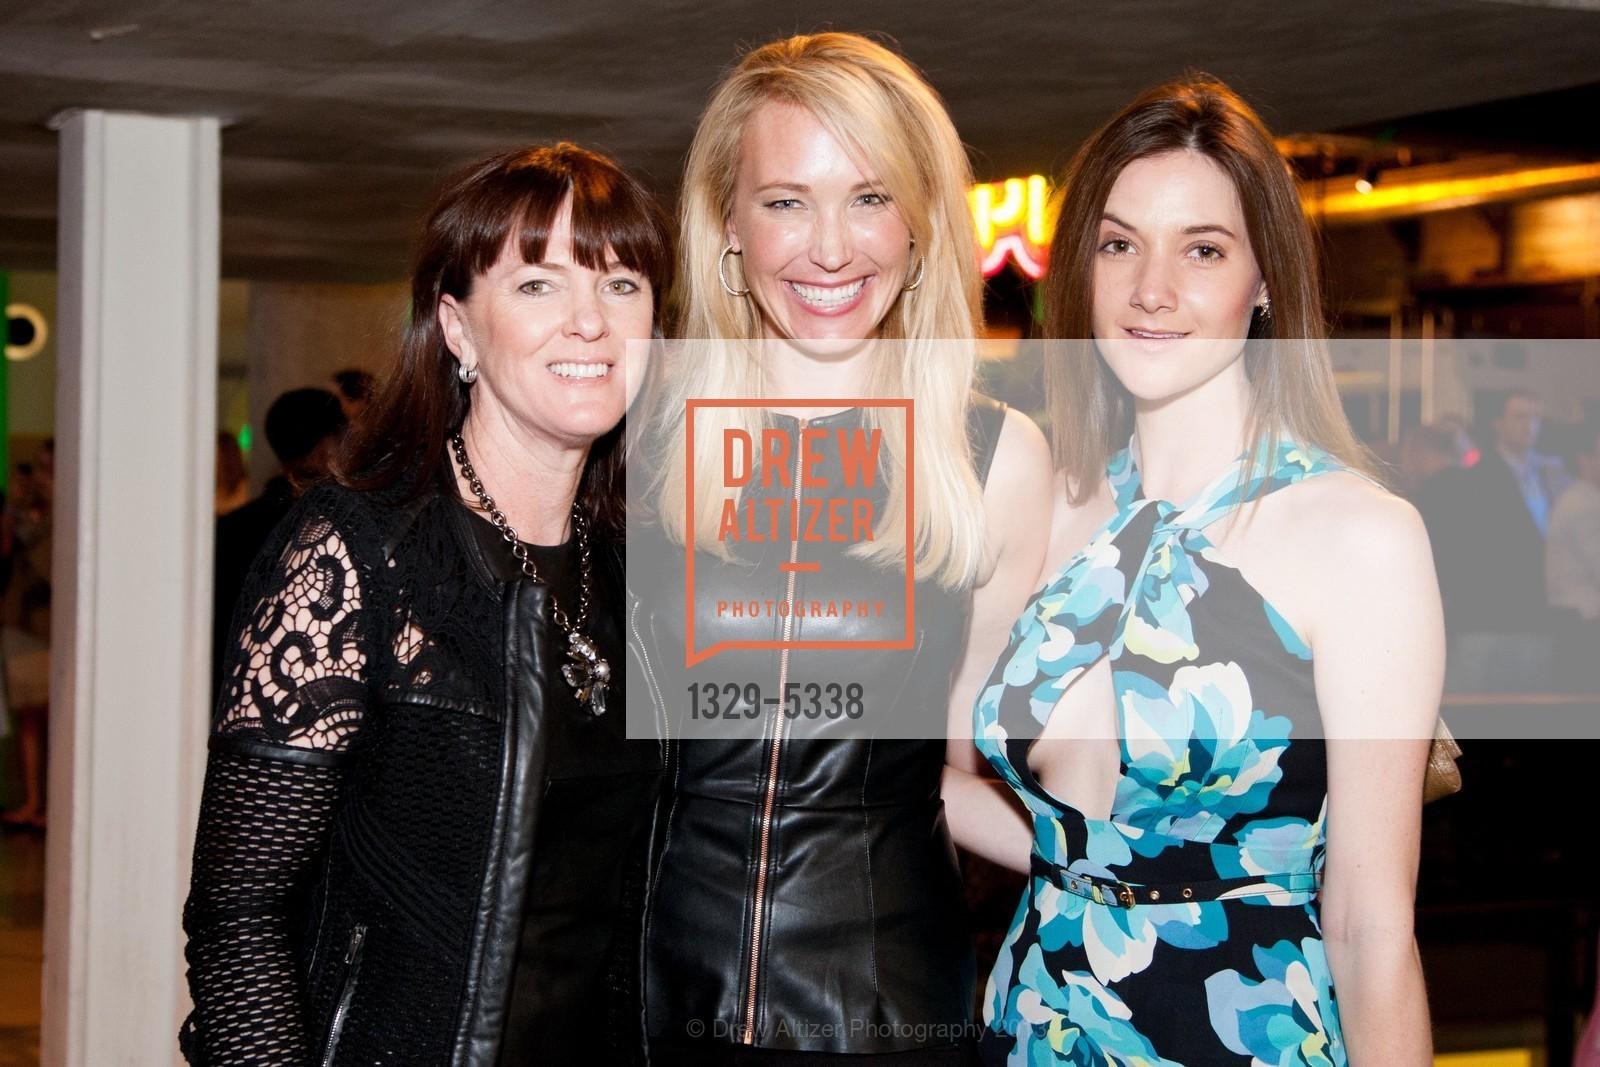 Allison Speer, Victoria Yeager, Ashley Herman, Photo #1329-5338